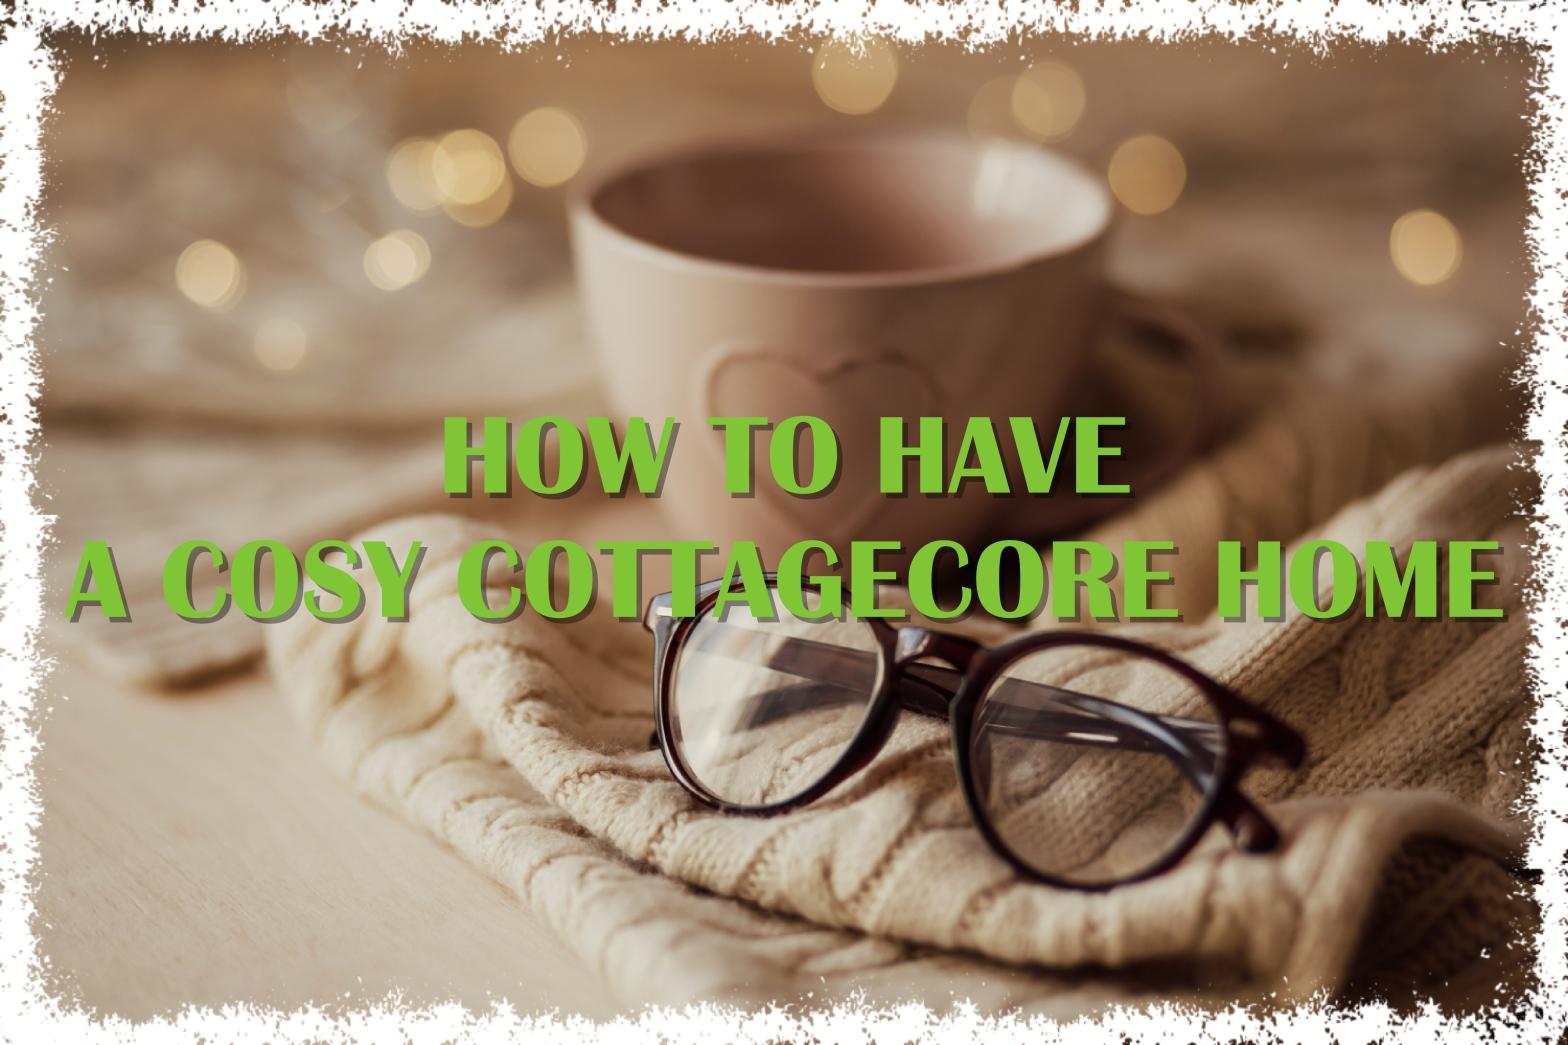 Cottagecore life, cottagecore aesthetic, cottagecore living, how to become cottagecore, how to be cottagecore, how to have a cottagecore room, the cottagecore life, cottagecore home decor, cottagecore bedroom, cottagecore house,